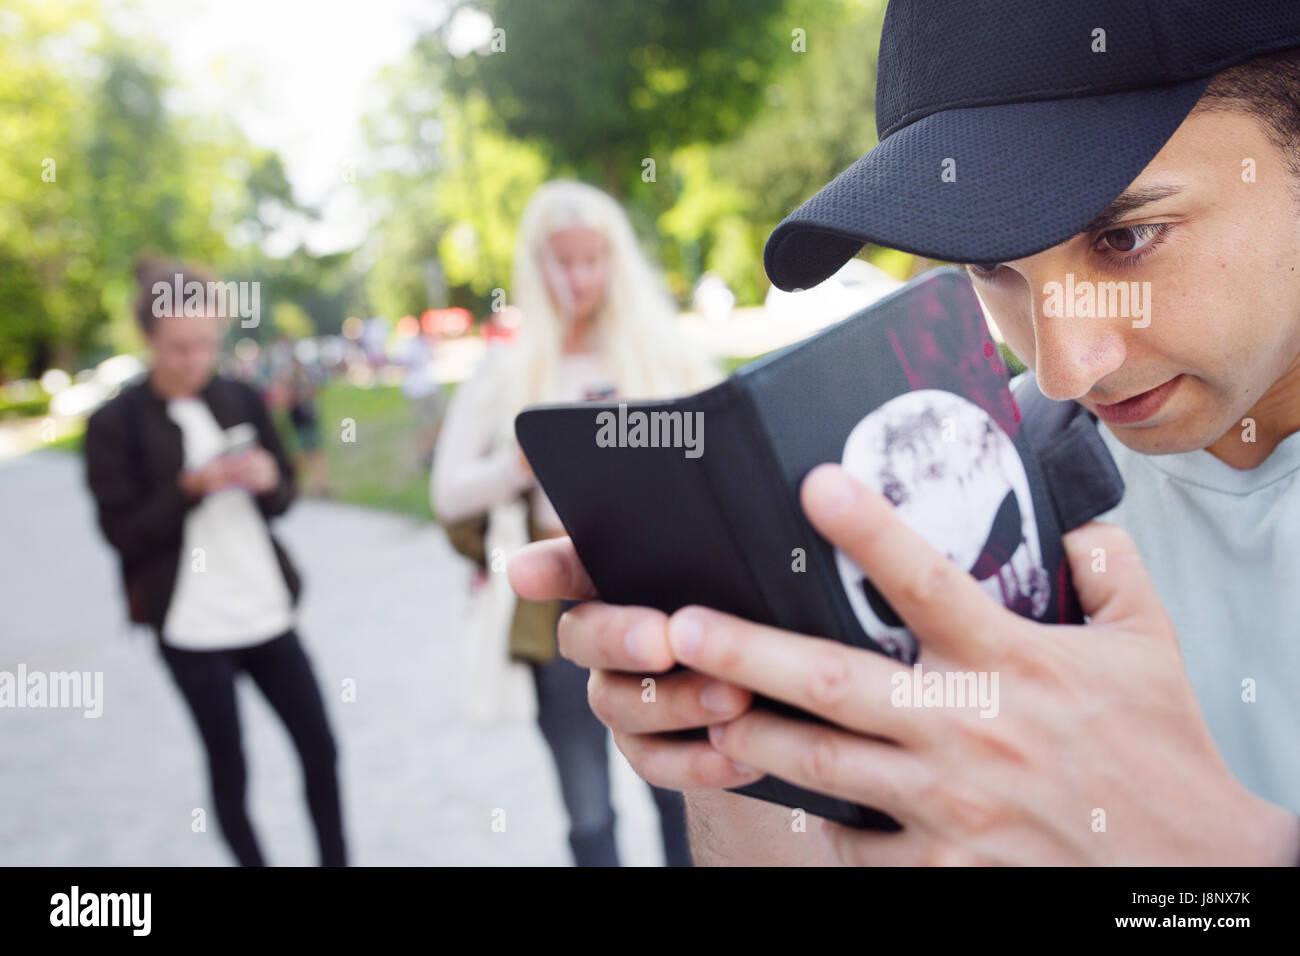 Gruppo di amici a giocare gioco basato sulla realtà aumentata con i telefoni cellulari Foto Stock